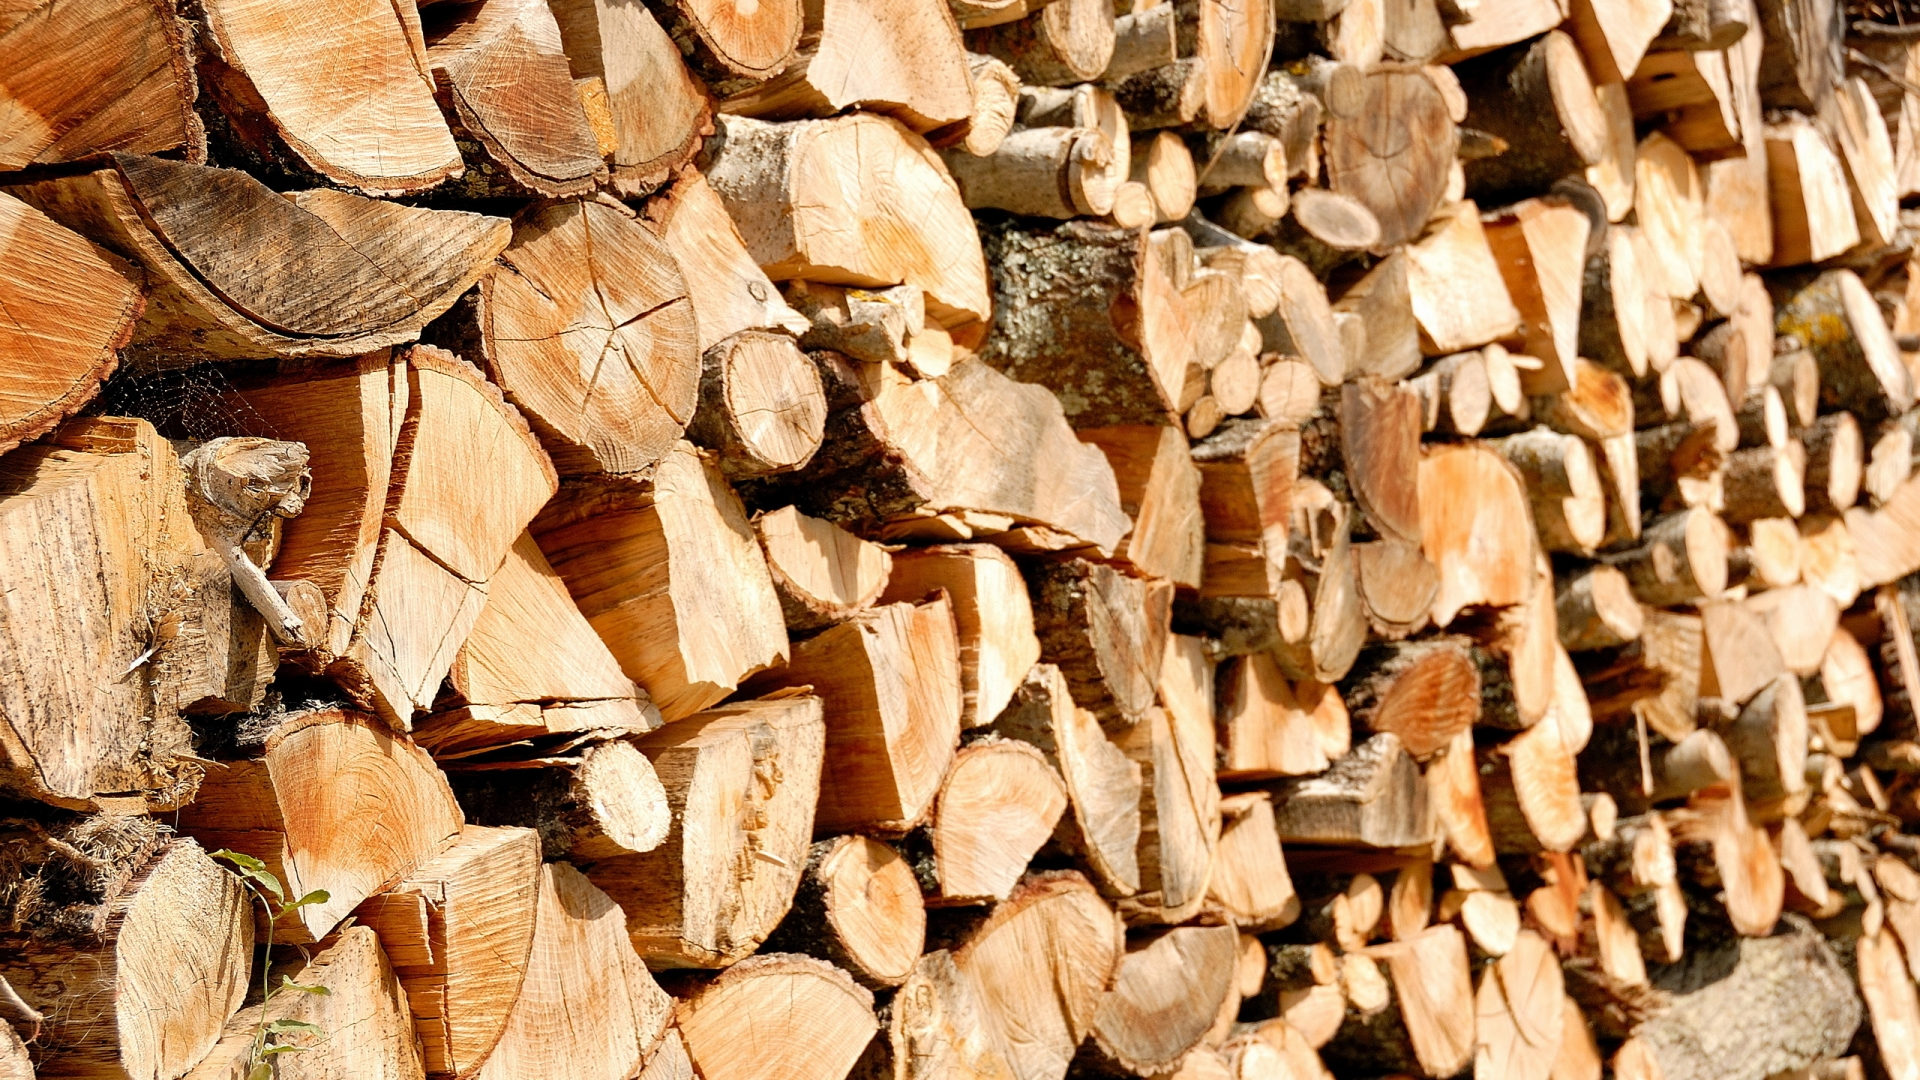 Муниципальное предприятие отчиталось о том, что делают со срубленными в Бельцах деревьями